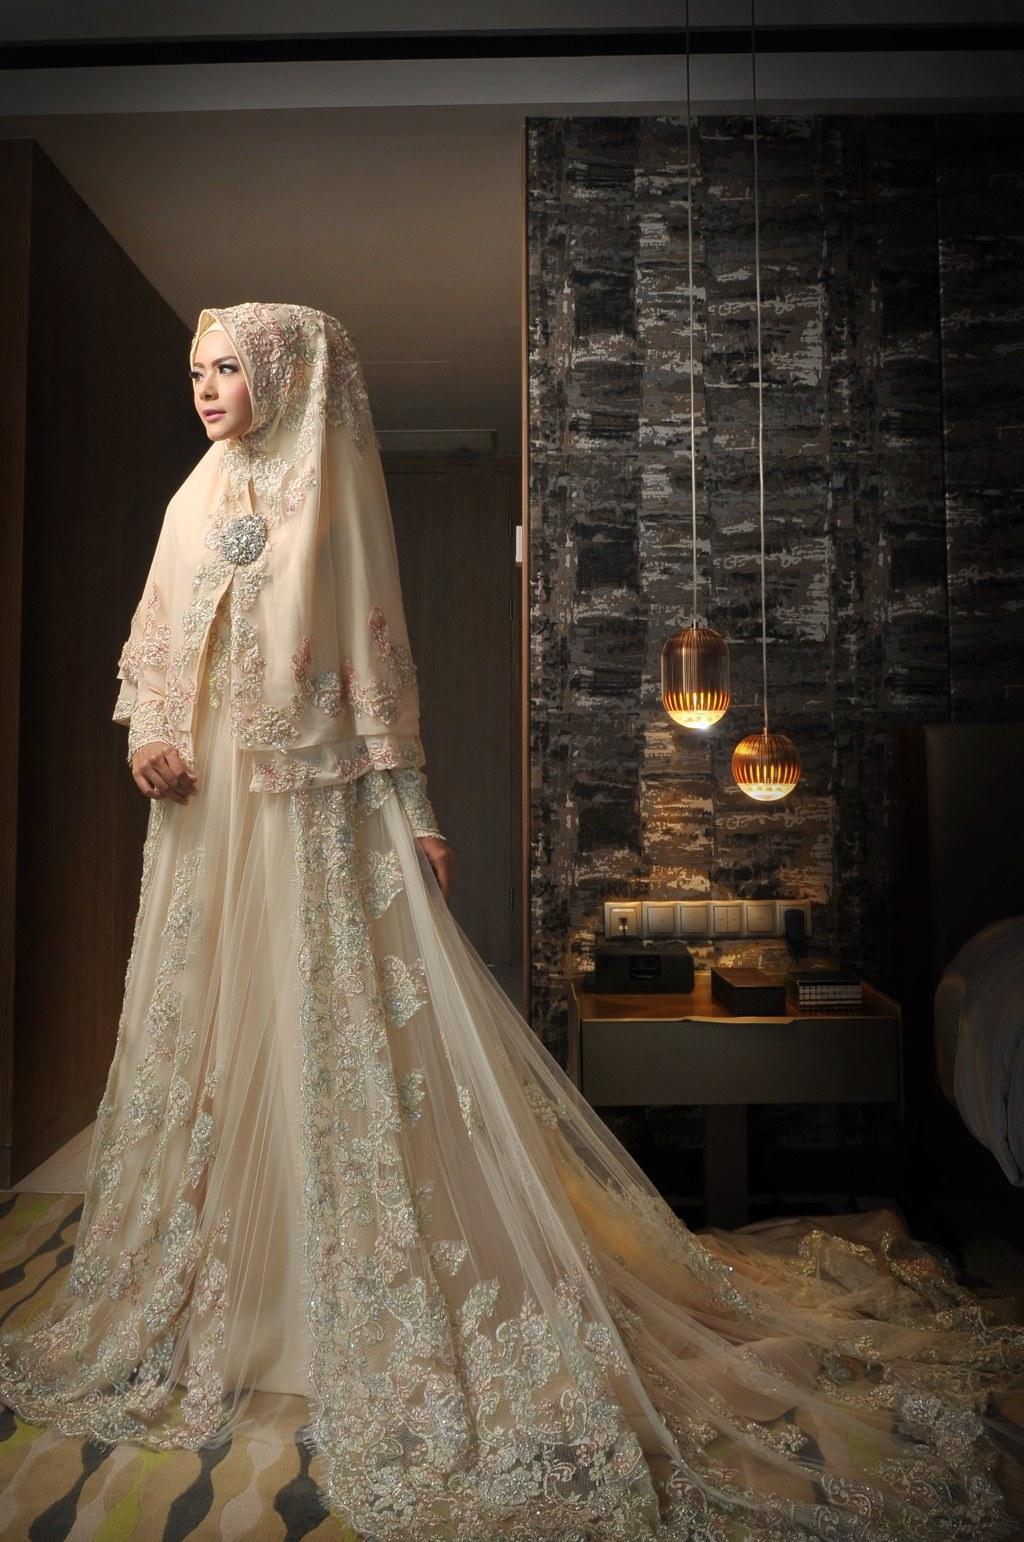 Bentuk Sewa Gaun Pengantin Muslimah Jogja E9dx 80 Sewa Gaun Pengantin Dan Make Up Jakarta